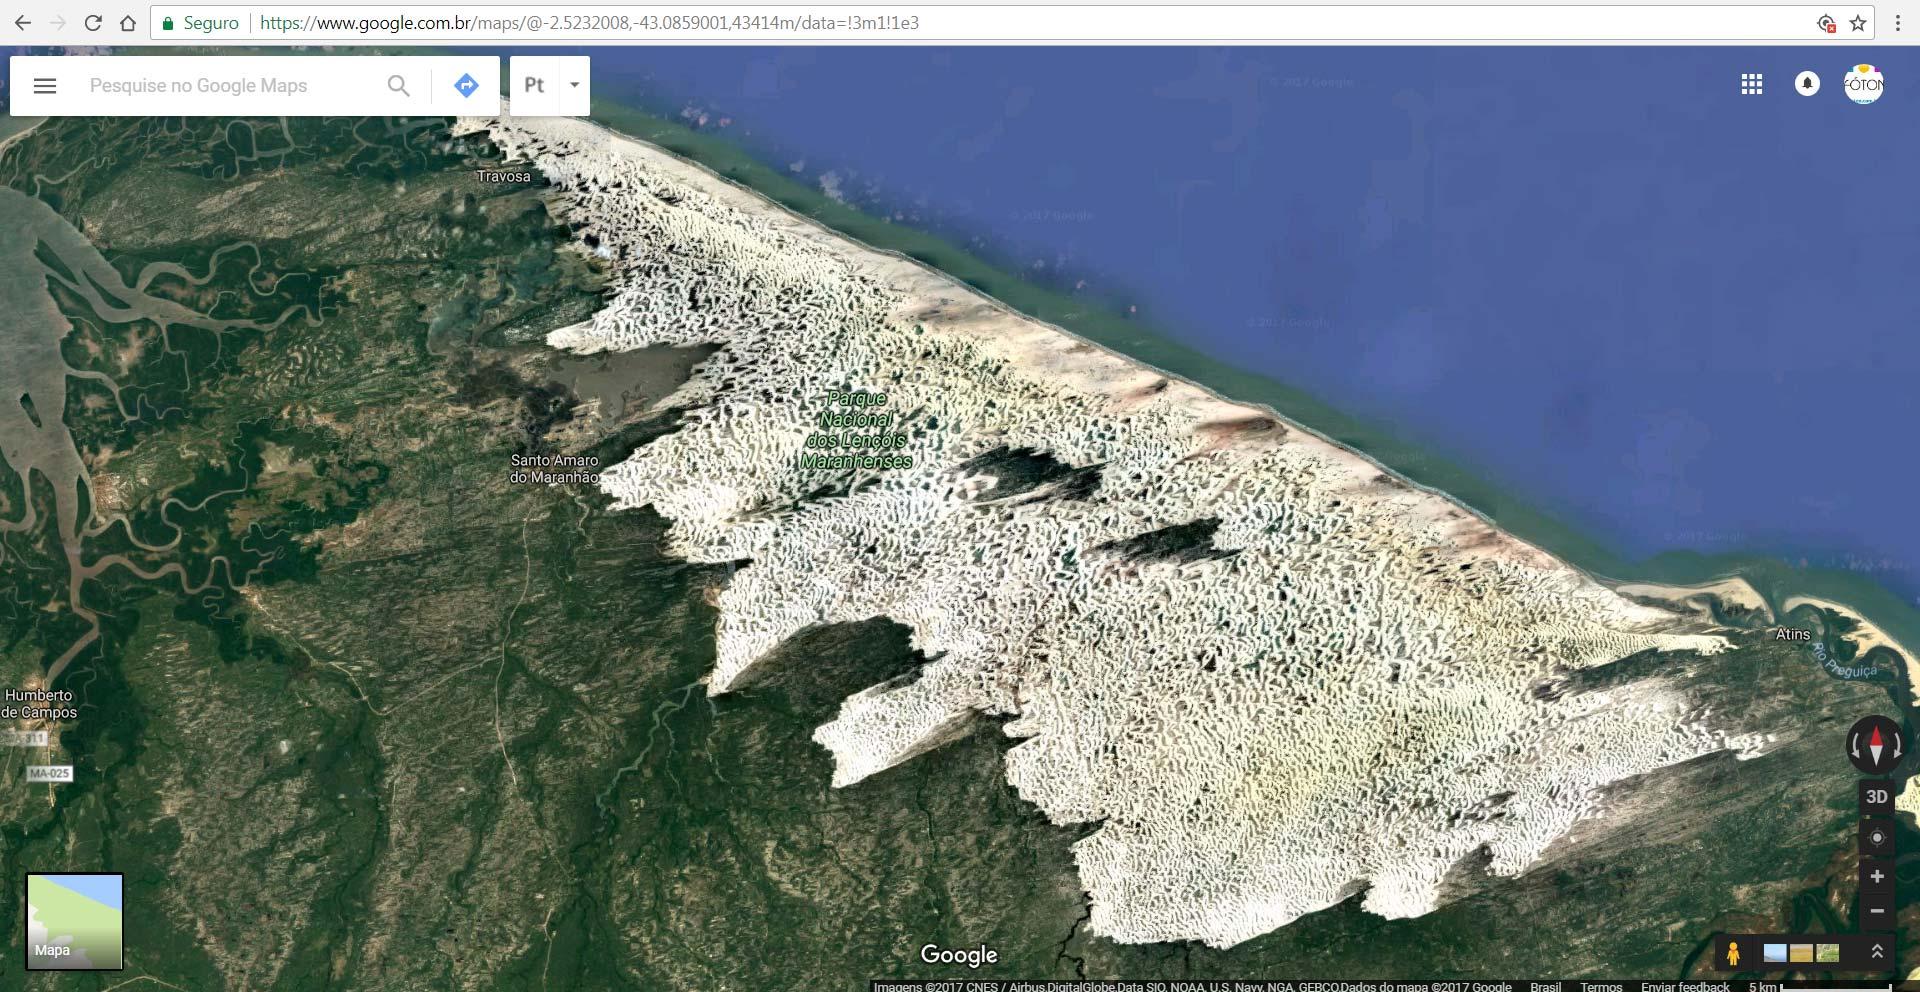 mapa 2 google maps - Mapas, Distâncias e Dicas. Trekking nos Lençóis Maranhenses - Brasil